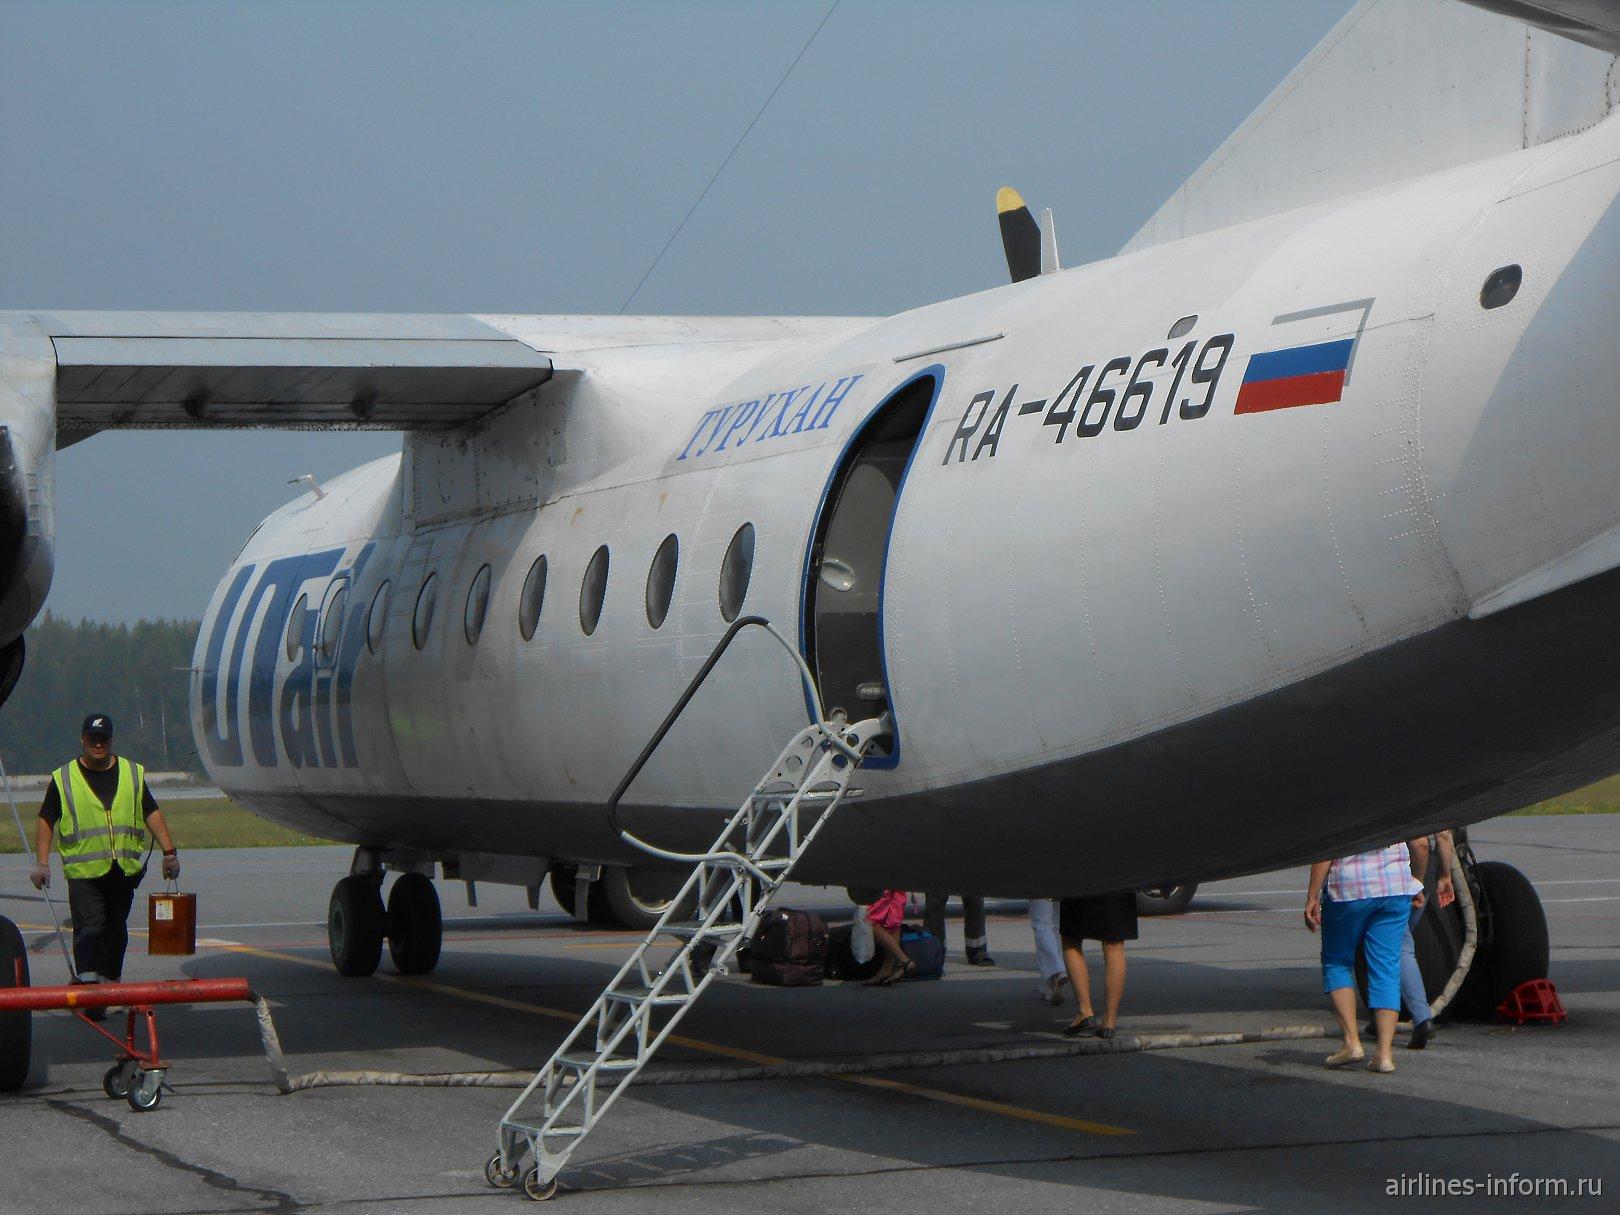 Игрим - Ханты-Мансийск с ЮТэйр на Ан 24